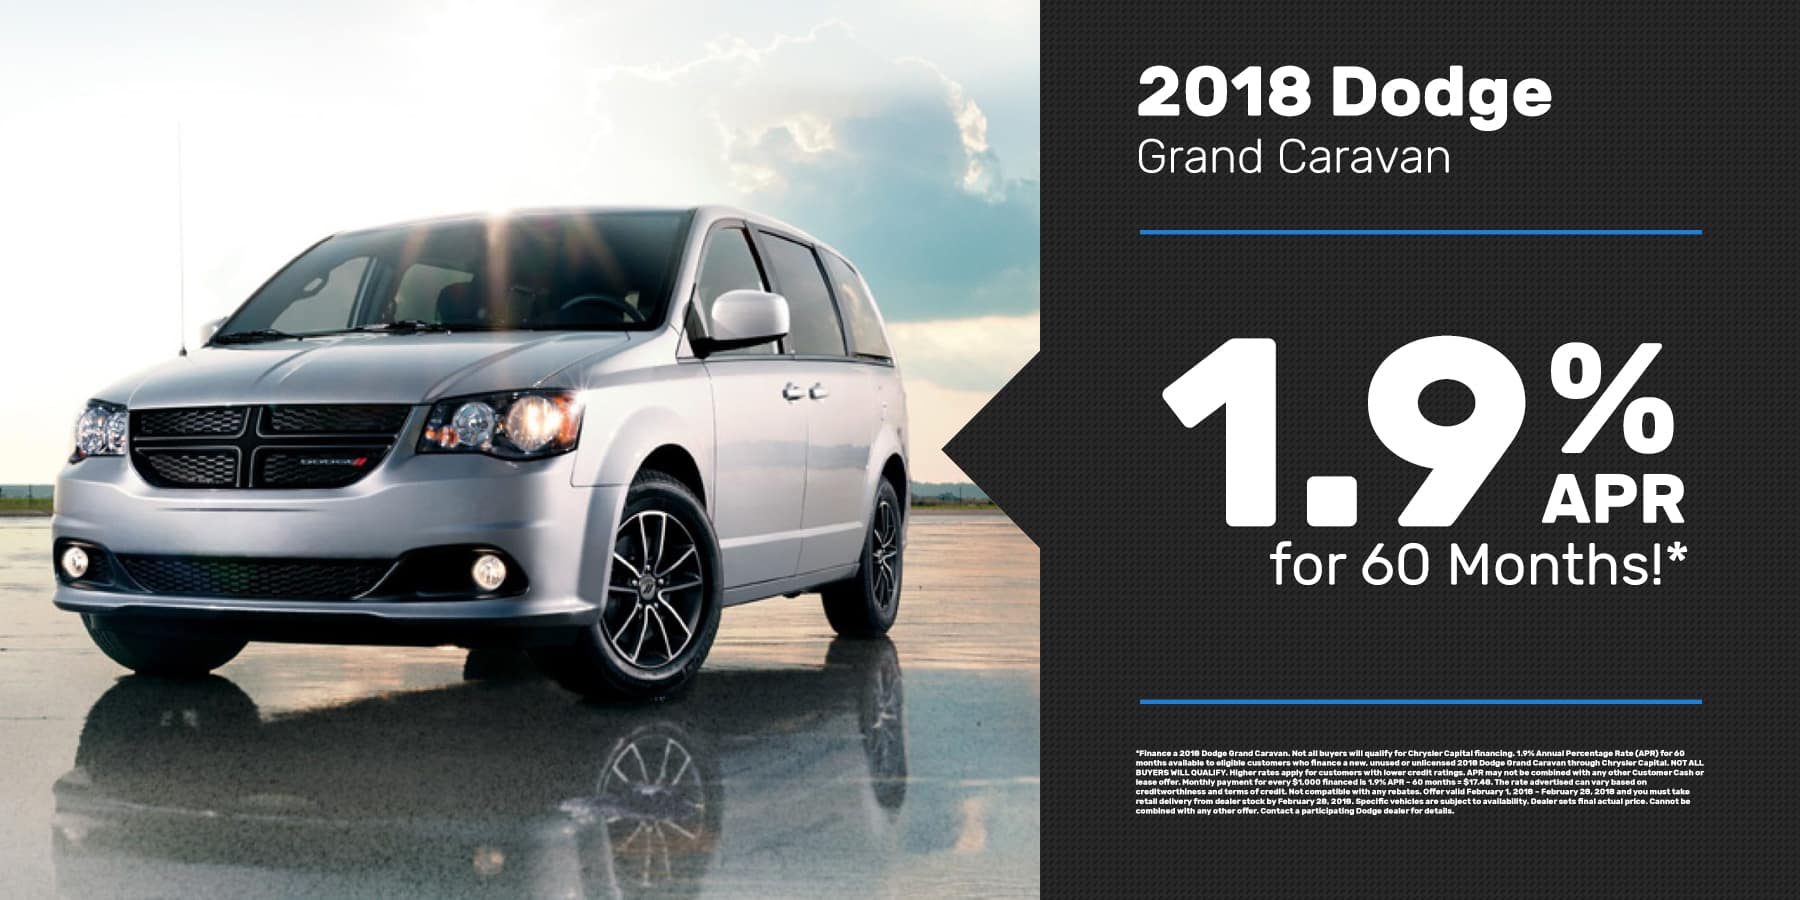 2018 Grand Caravan Offer